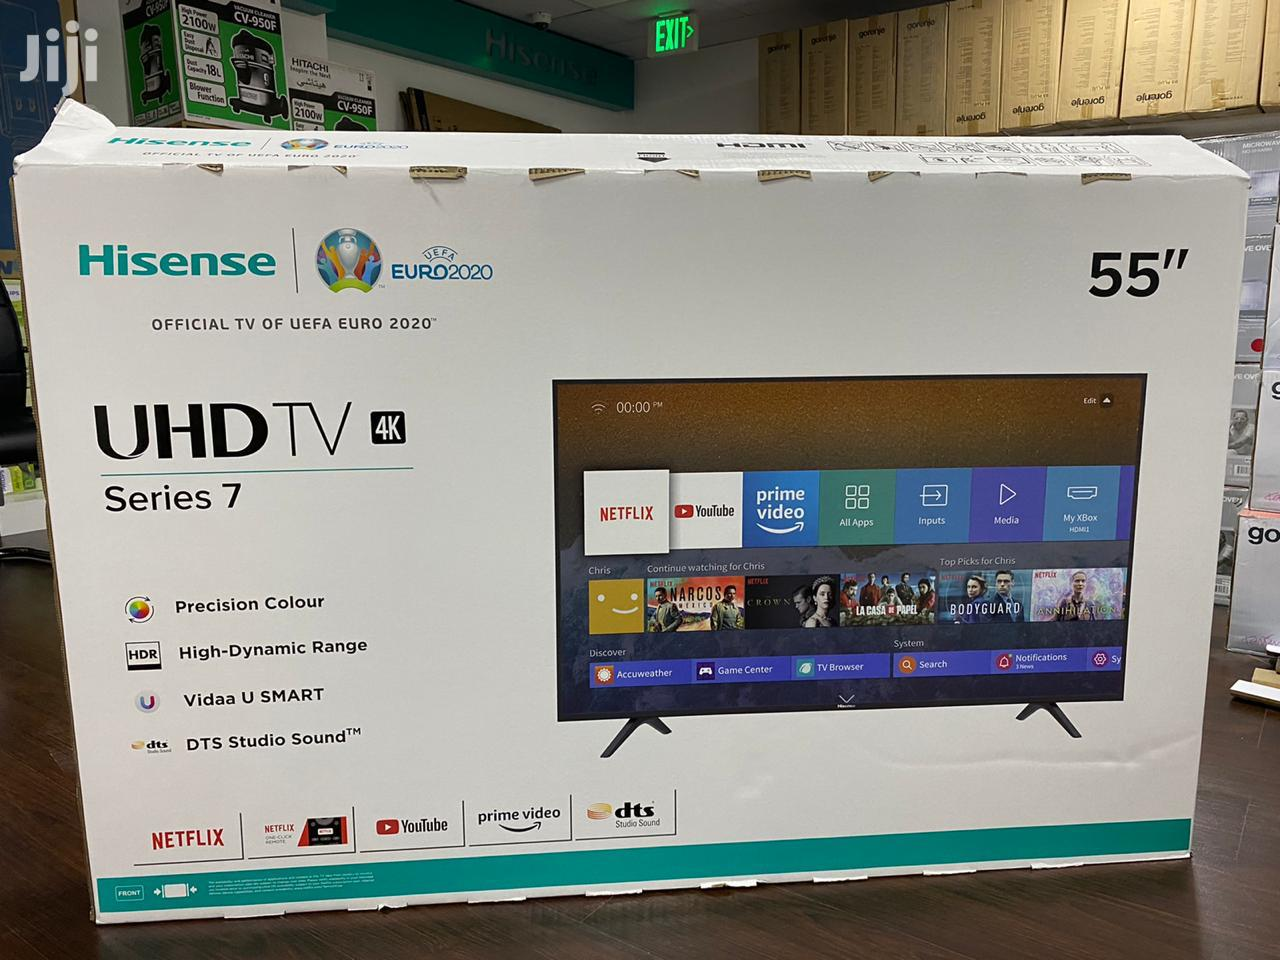 Hisense TV 55 Inches